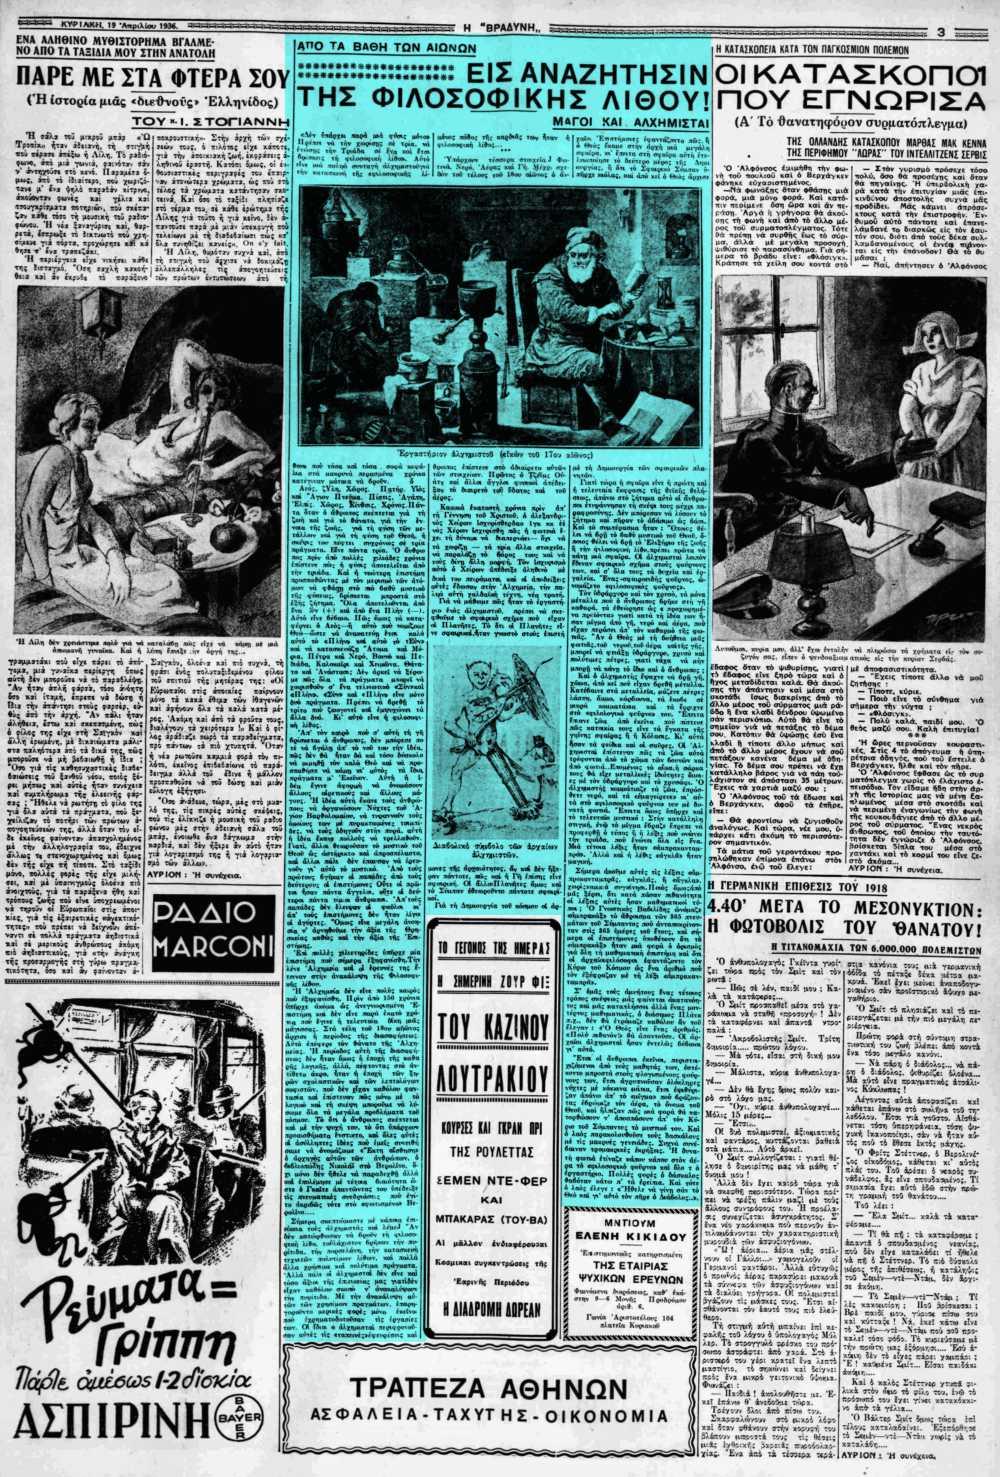 """Το άρθρο, όπως δημοσιεύθηκε στην εφημερίδα """"Η ΒΡΑΔΥΝΗ"""", στις 19/04/1936"""